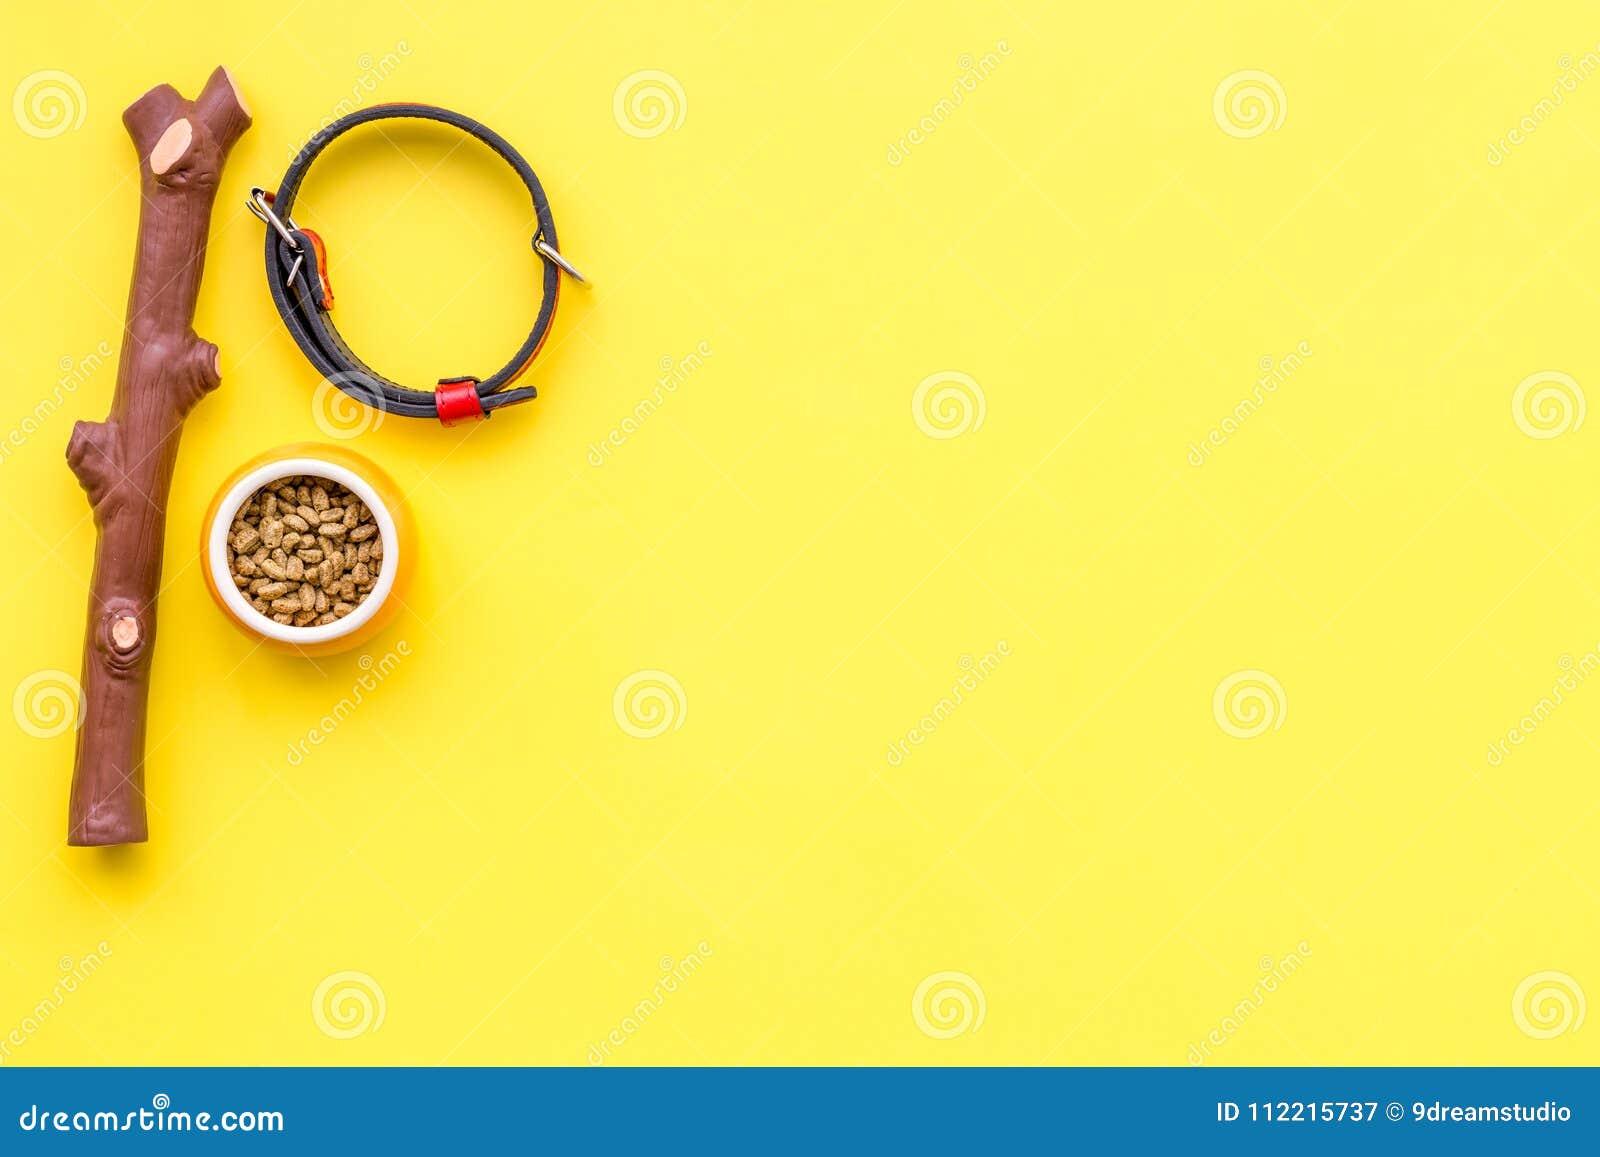 Acessories für das Pflegen des Hundes Lebensmittel und Spielwaren für Hunde Gelbes Draufsichtmodell des Hintergrundes